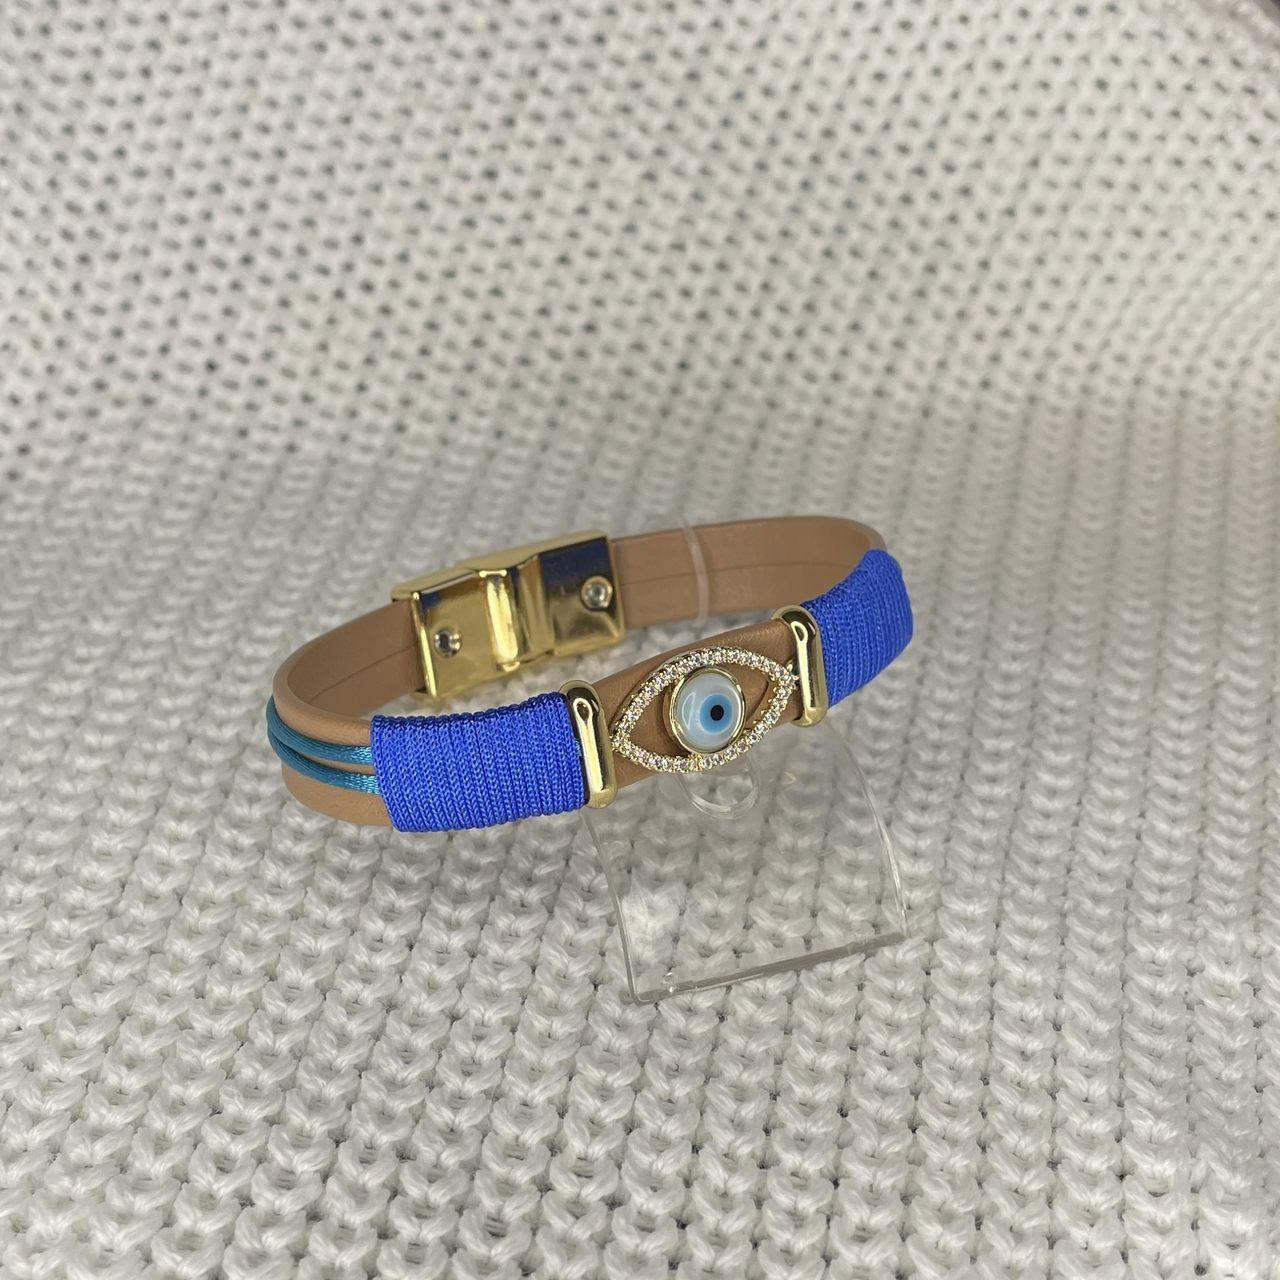 Pulseira Marrom e Azul Olho Grego Cravejado Banho Ouro